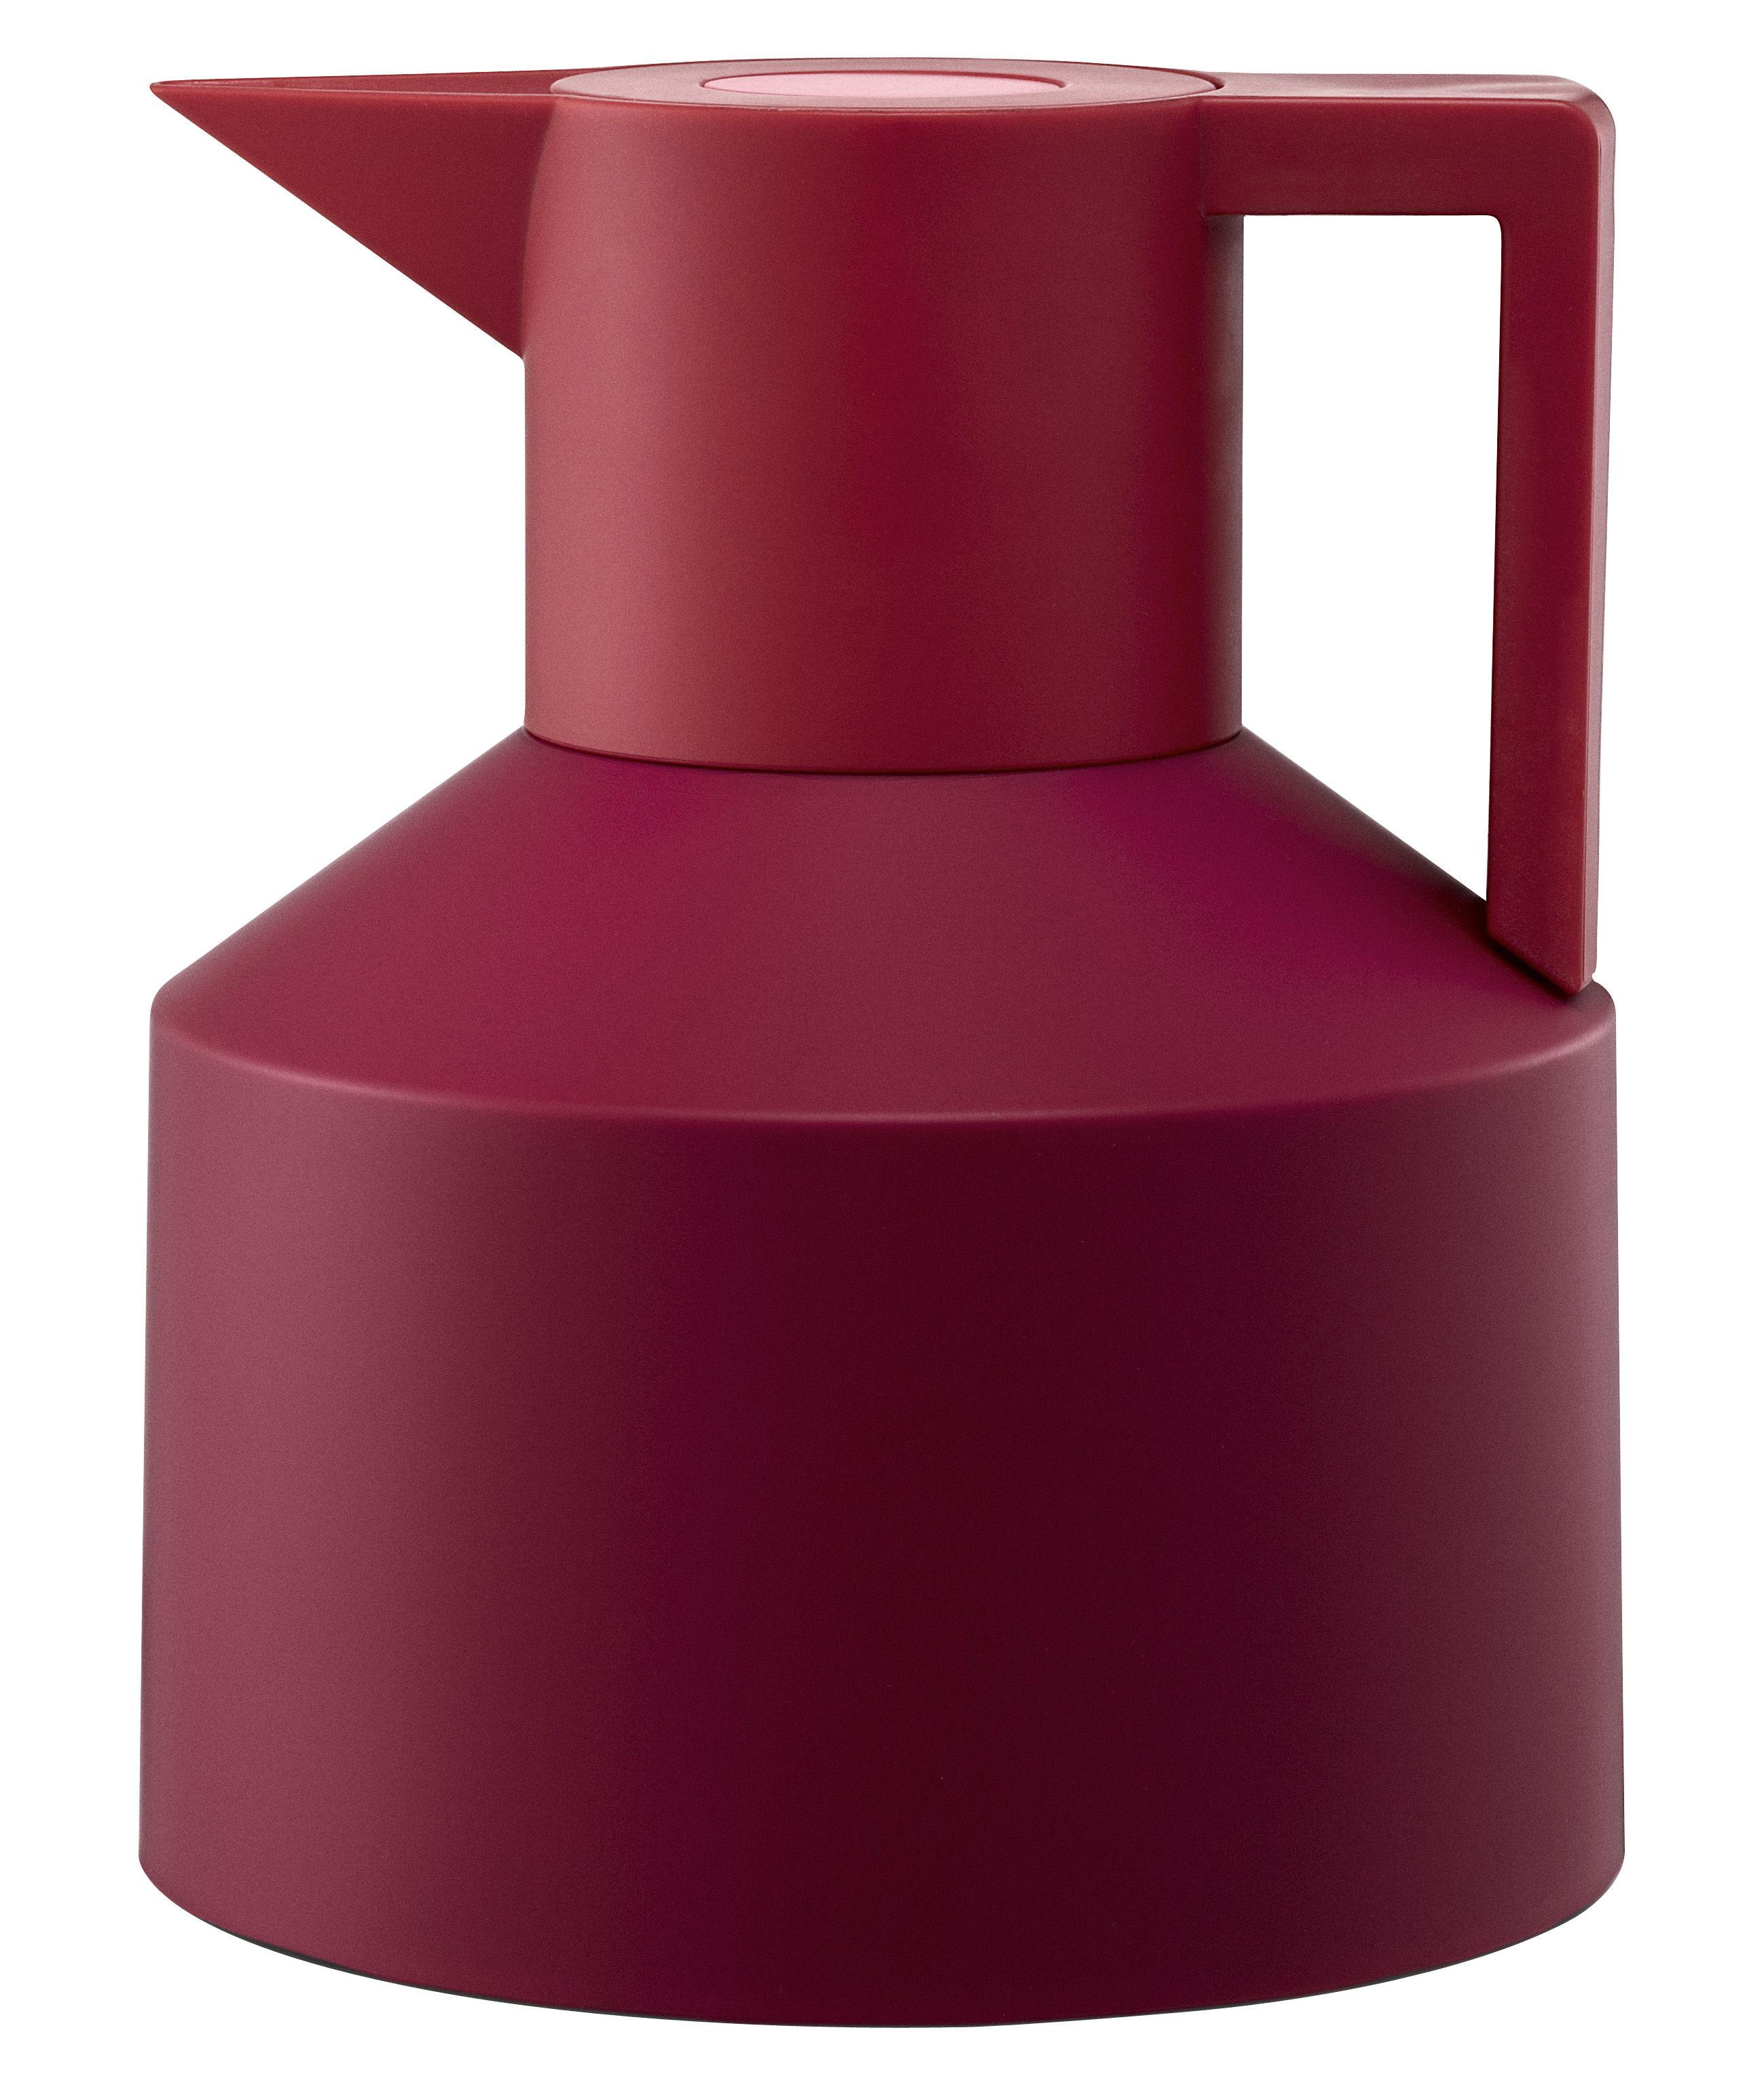 Tischkultur - Tee und Kaffee - Geo Isolierkrug - Normann Copenhagen - Himbeer / rot mit rosafarbenem Druckknopf - Plastik